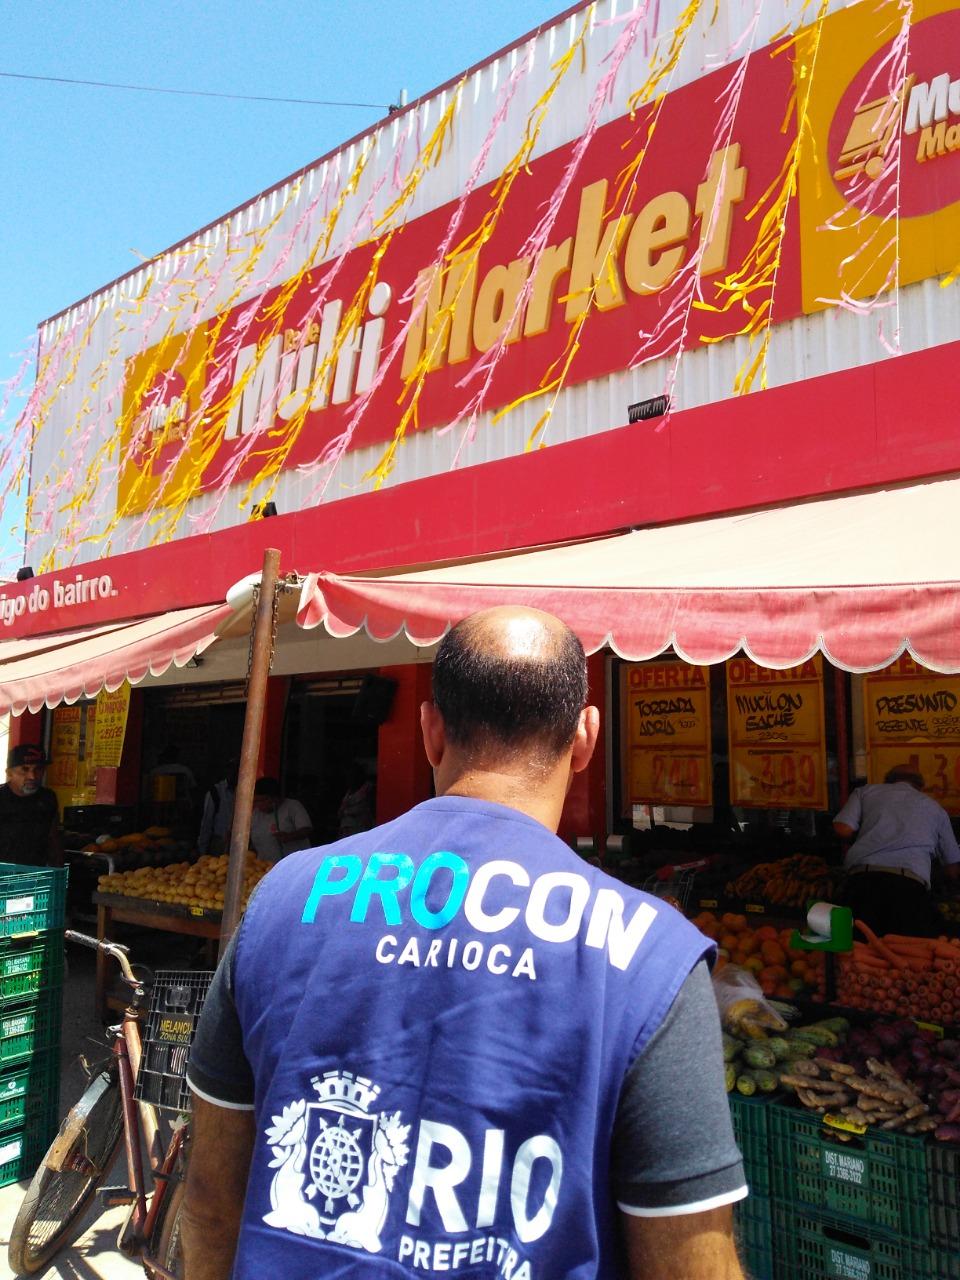 Procon Carioca descarta mais de cem quilos de alimentos